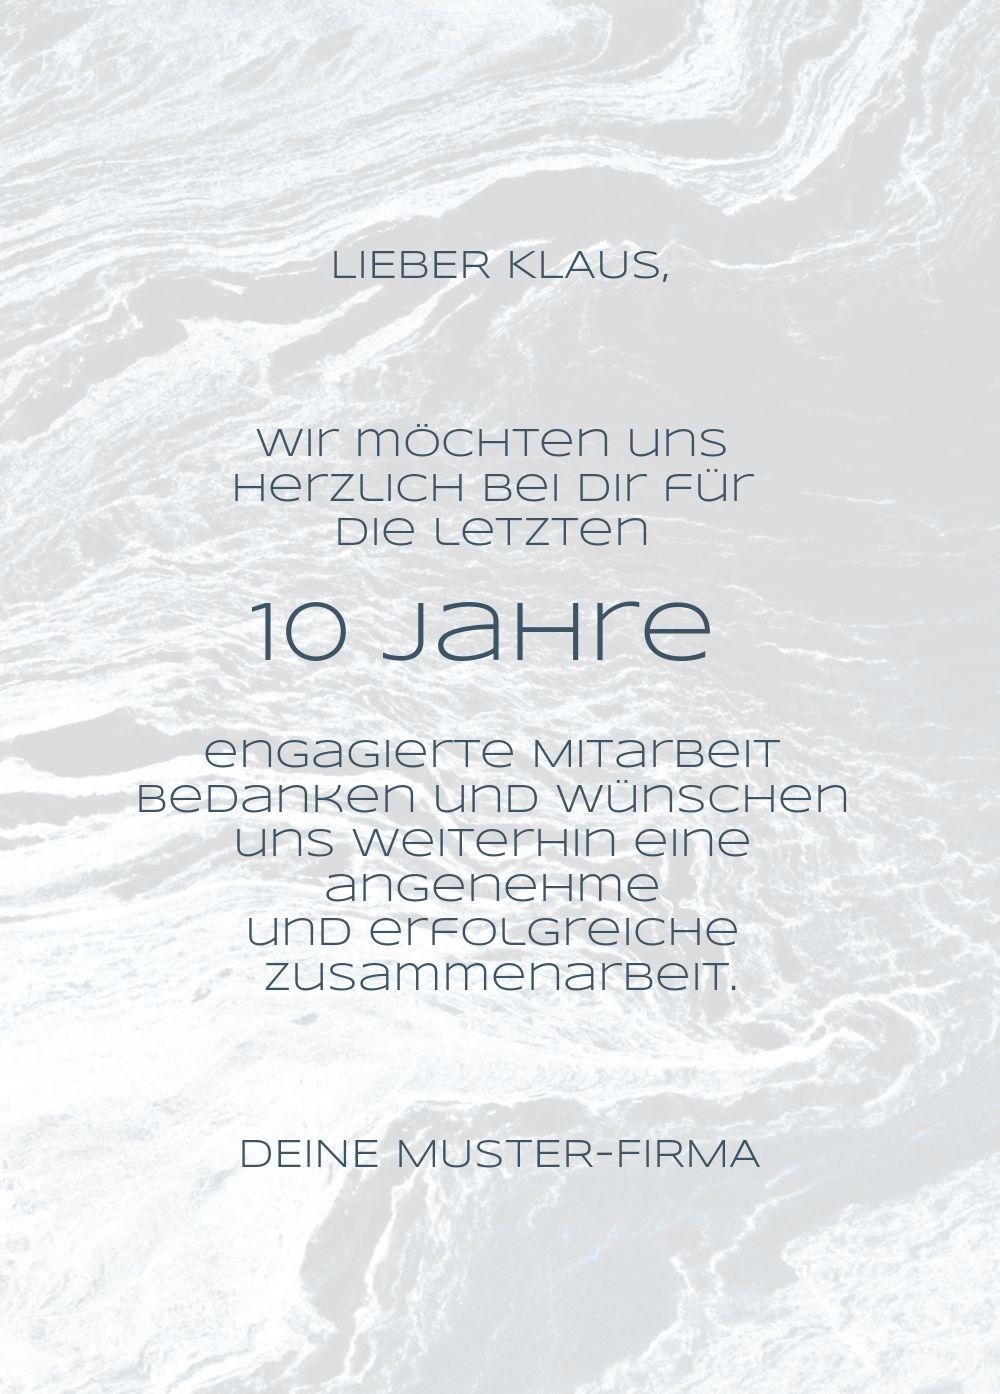 Ansicht 3 - Jubiläumskarte Marmor